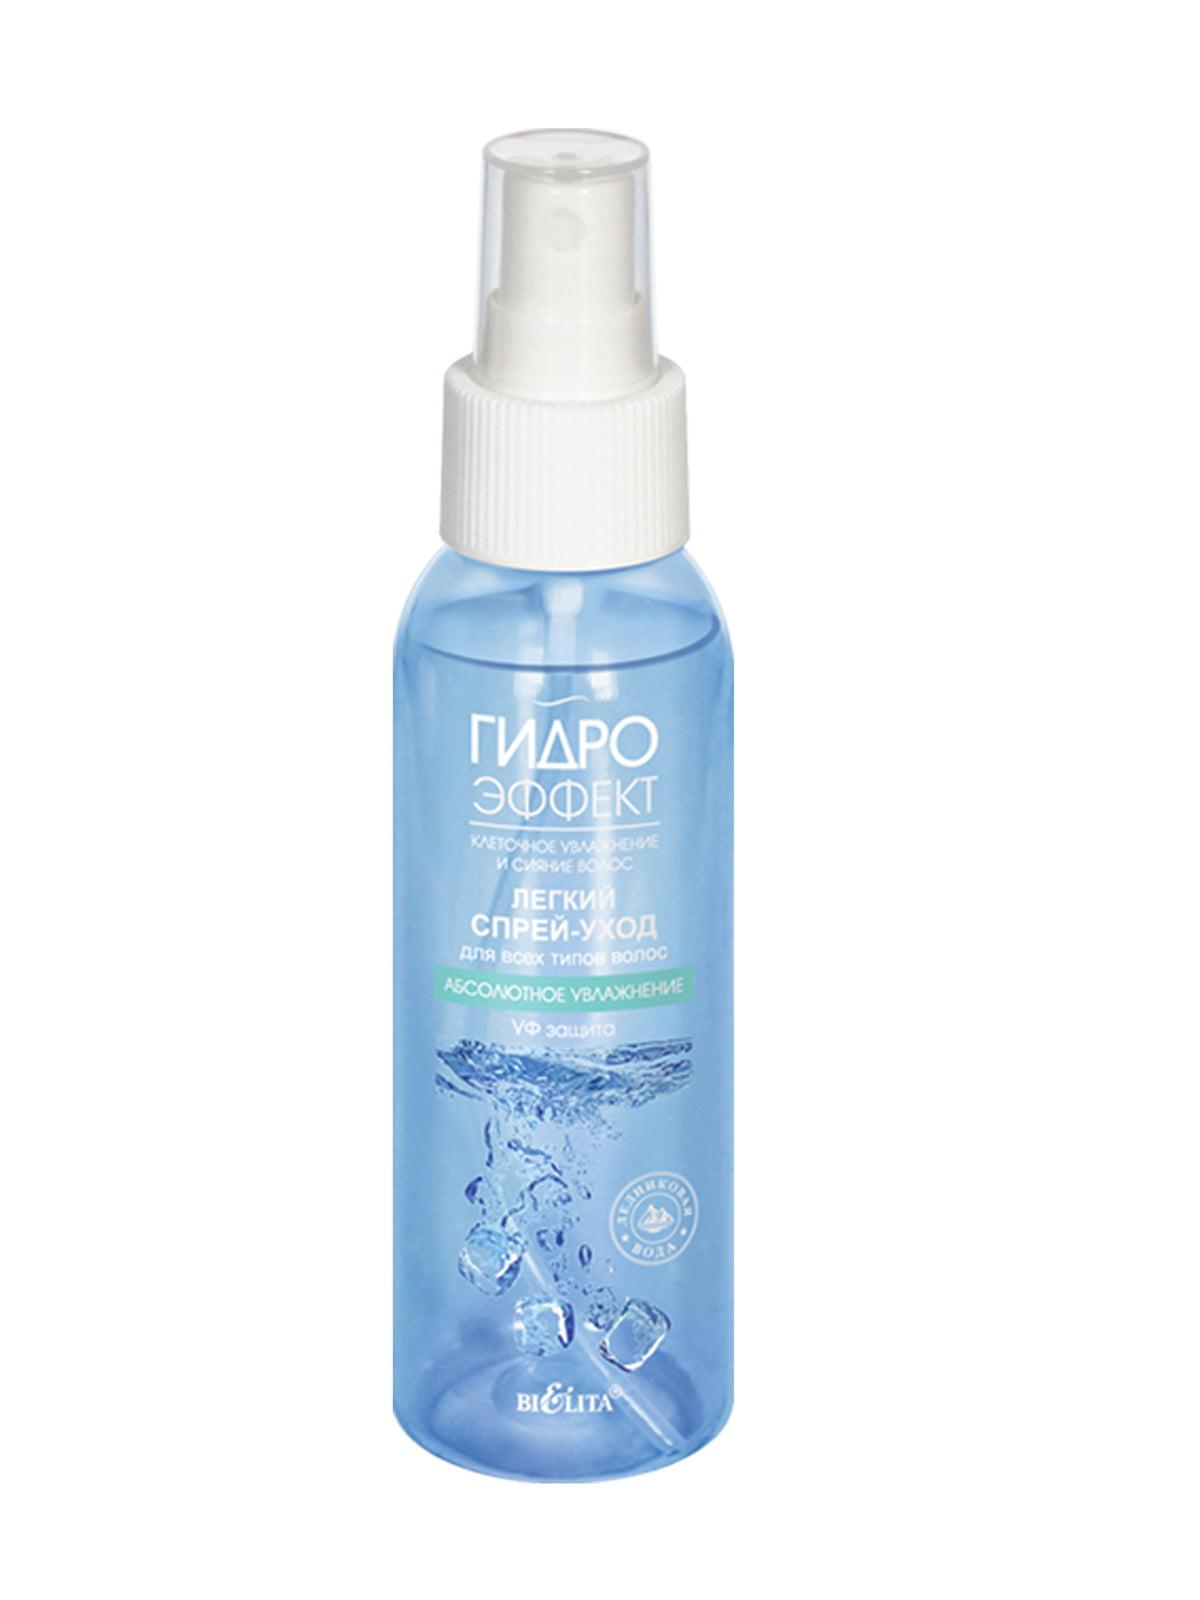 Спрей-уход легкий для всех типов волос «Абсолютное увлажнение» (100 мл) | 4977054